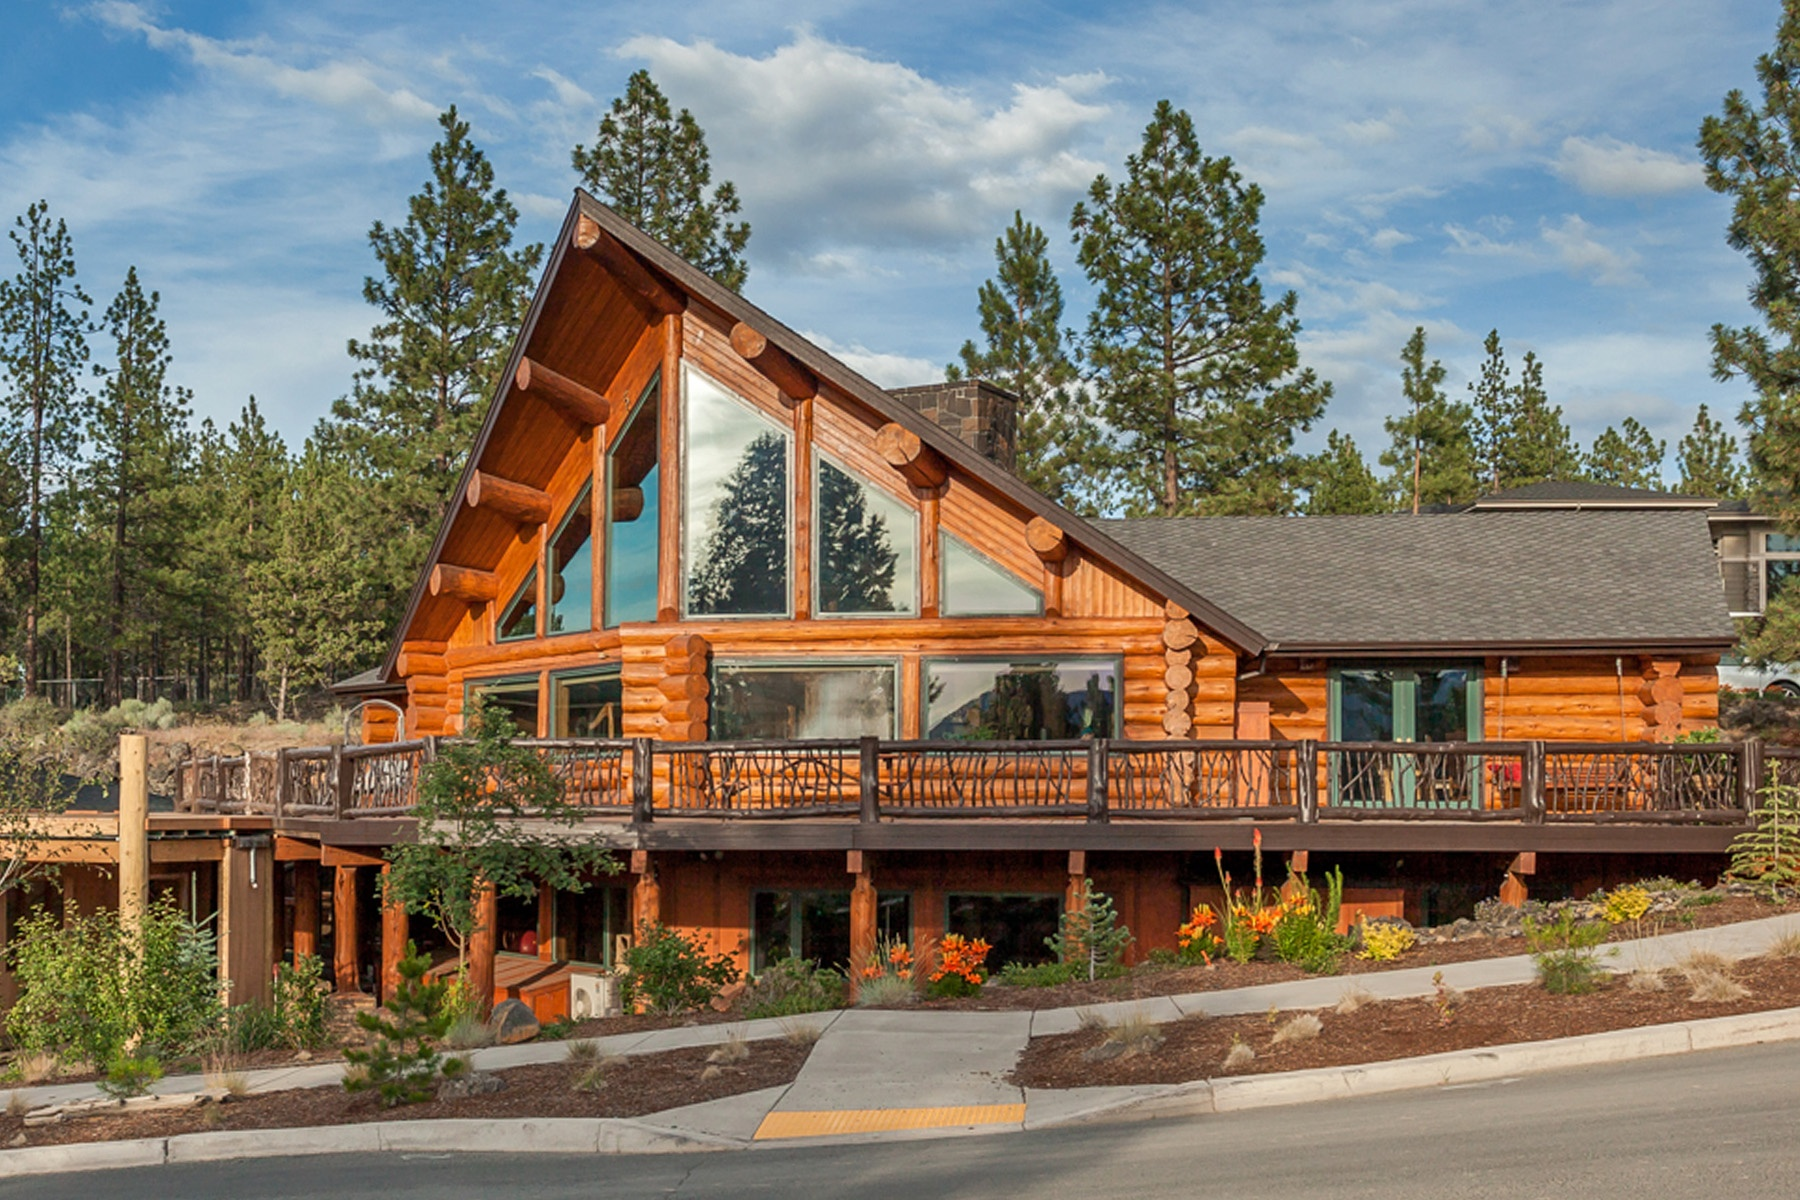 独户住宅 为 销售 在 Renaissance @ Shevlin Park 62775 Idanha Ct 本德, 俄勒冈州, 97701 美国